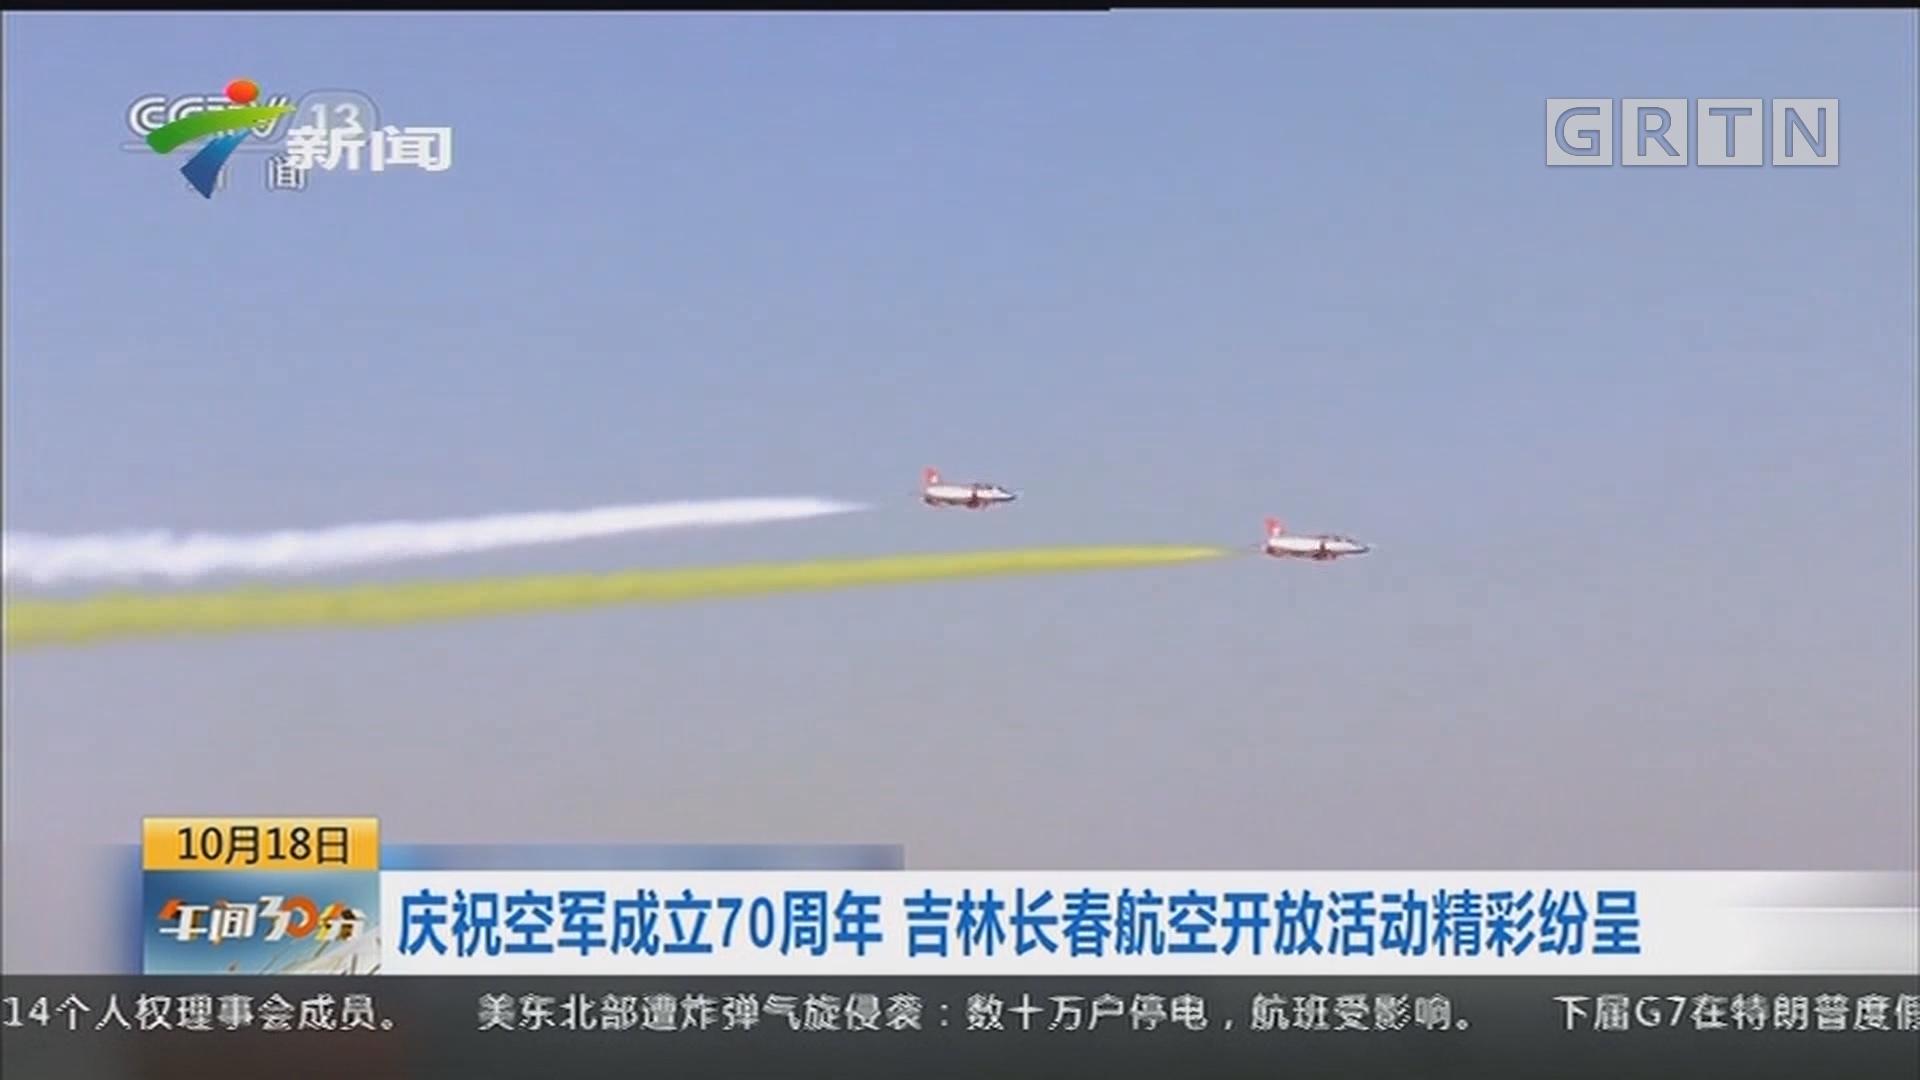 庆祝空军成立70周年 吉林长春航空开放活动精彩纷呈